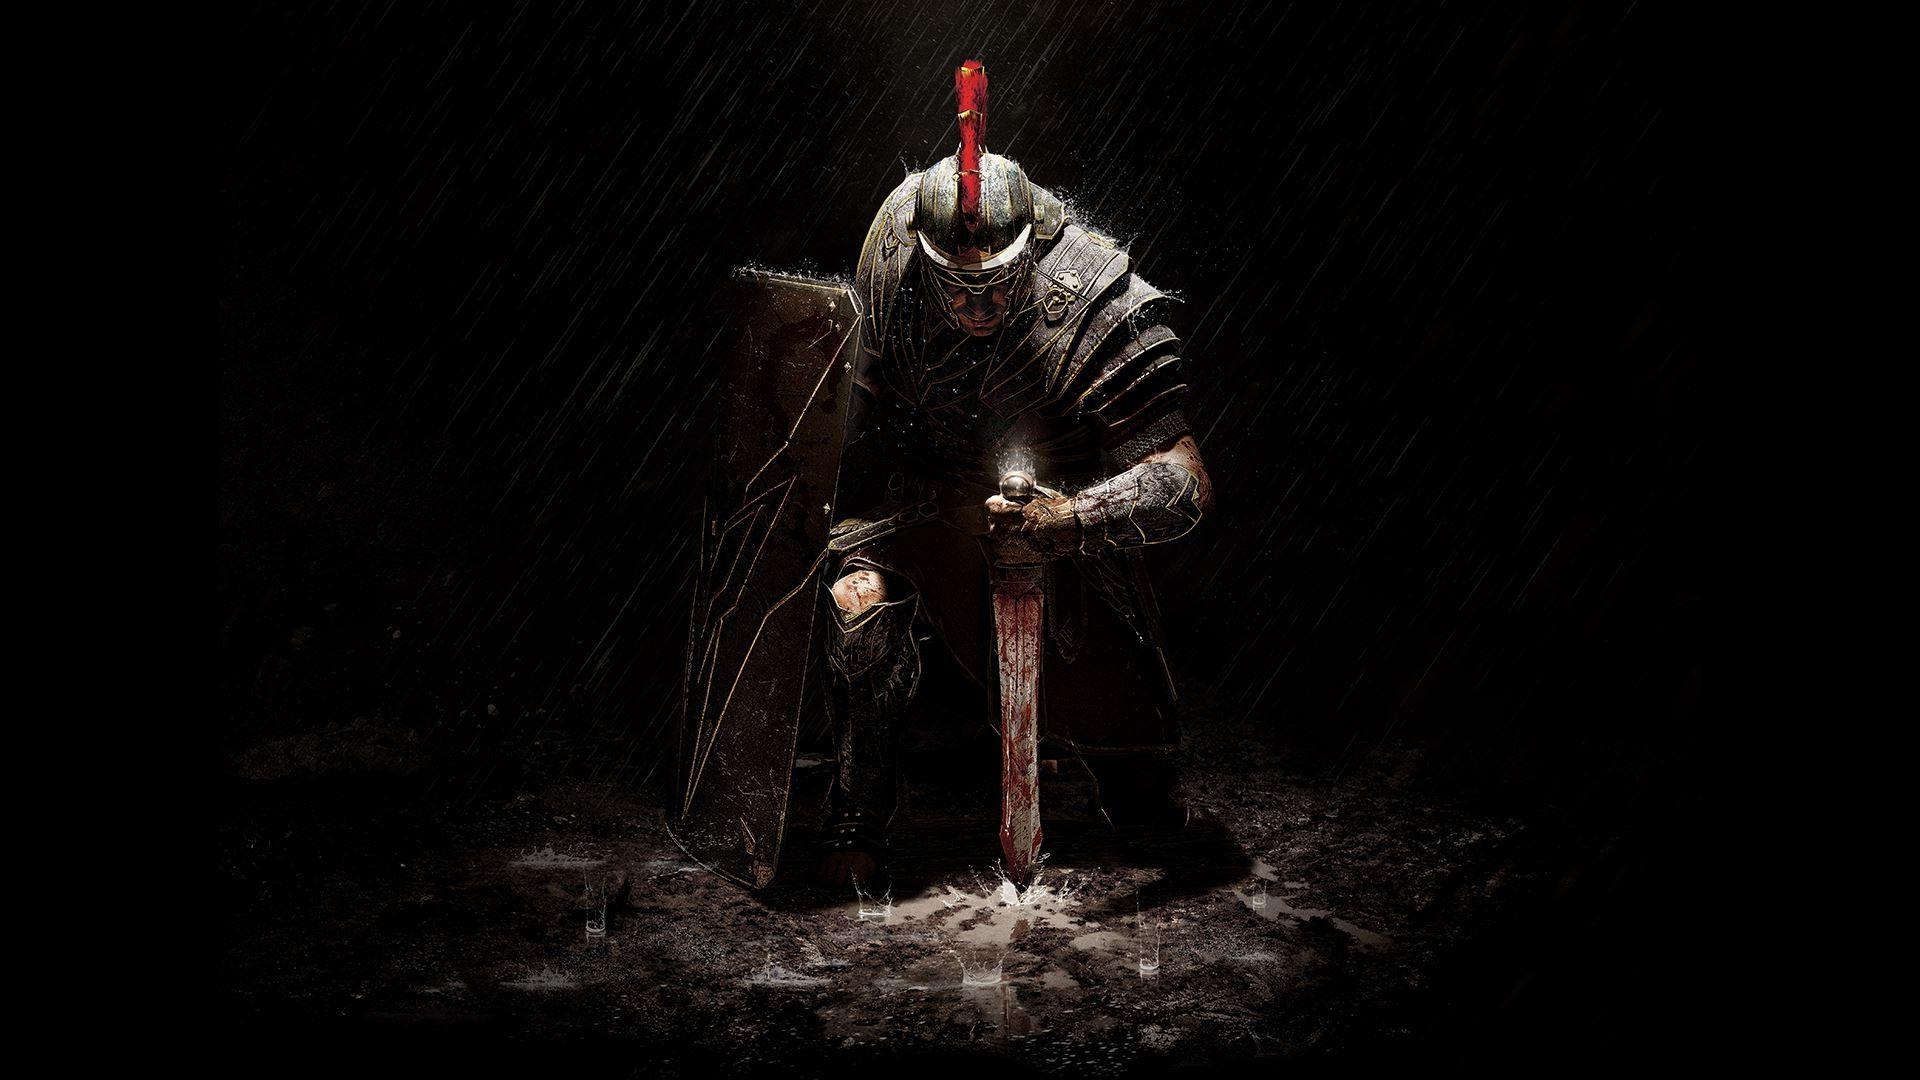 fate zero anime sword rain saber arturia pendragon blood wallpaper